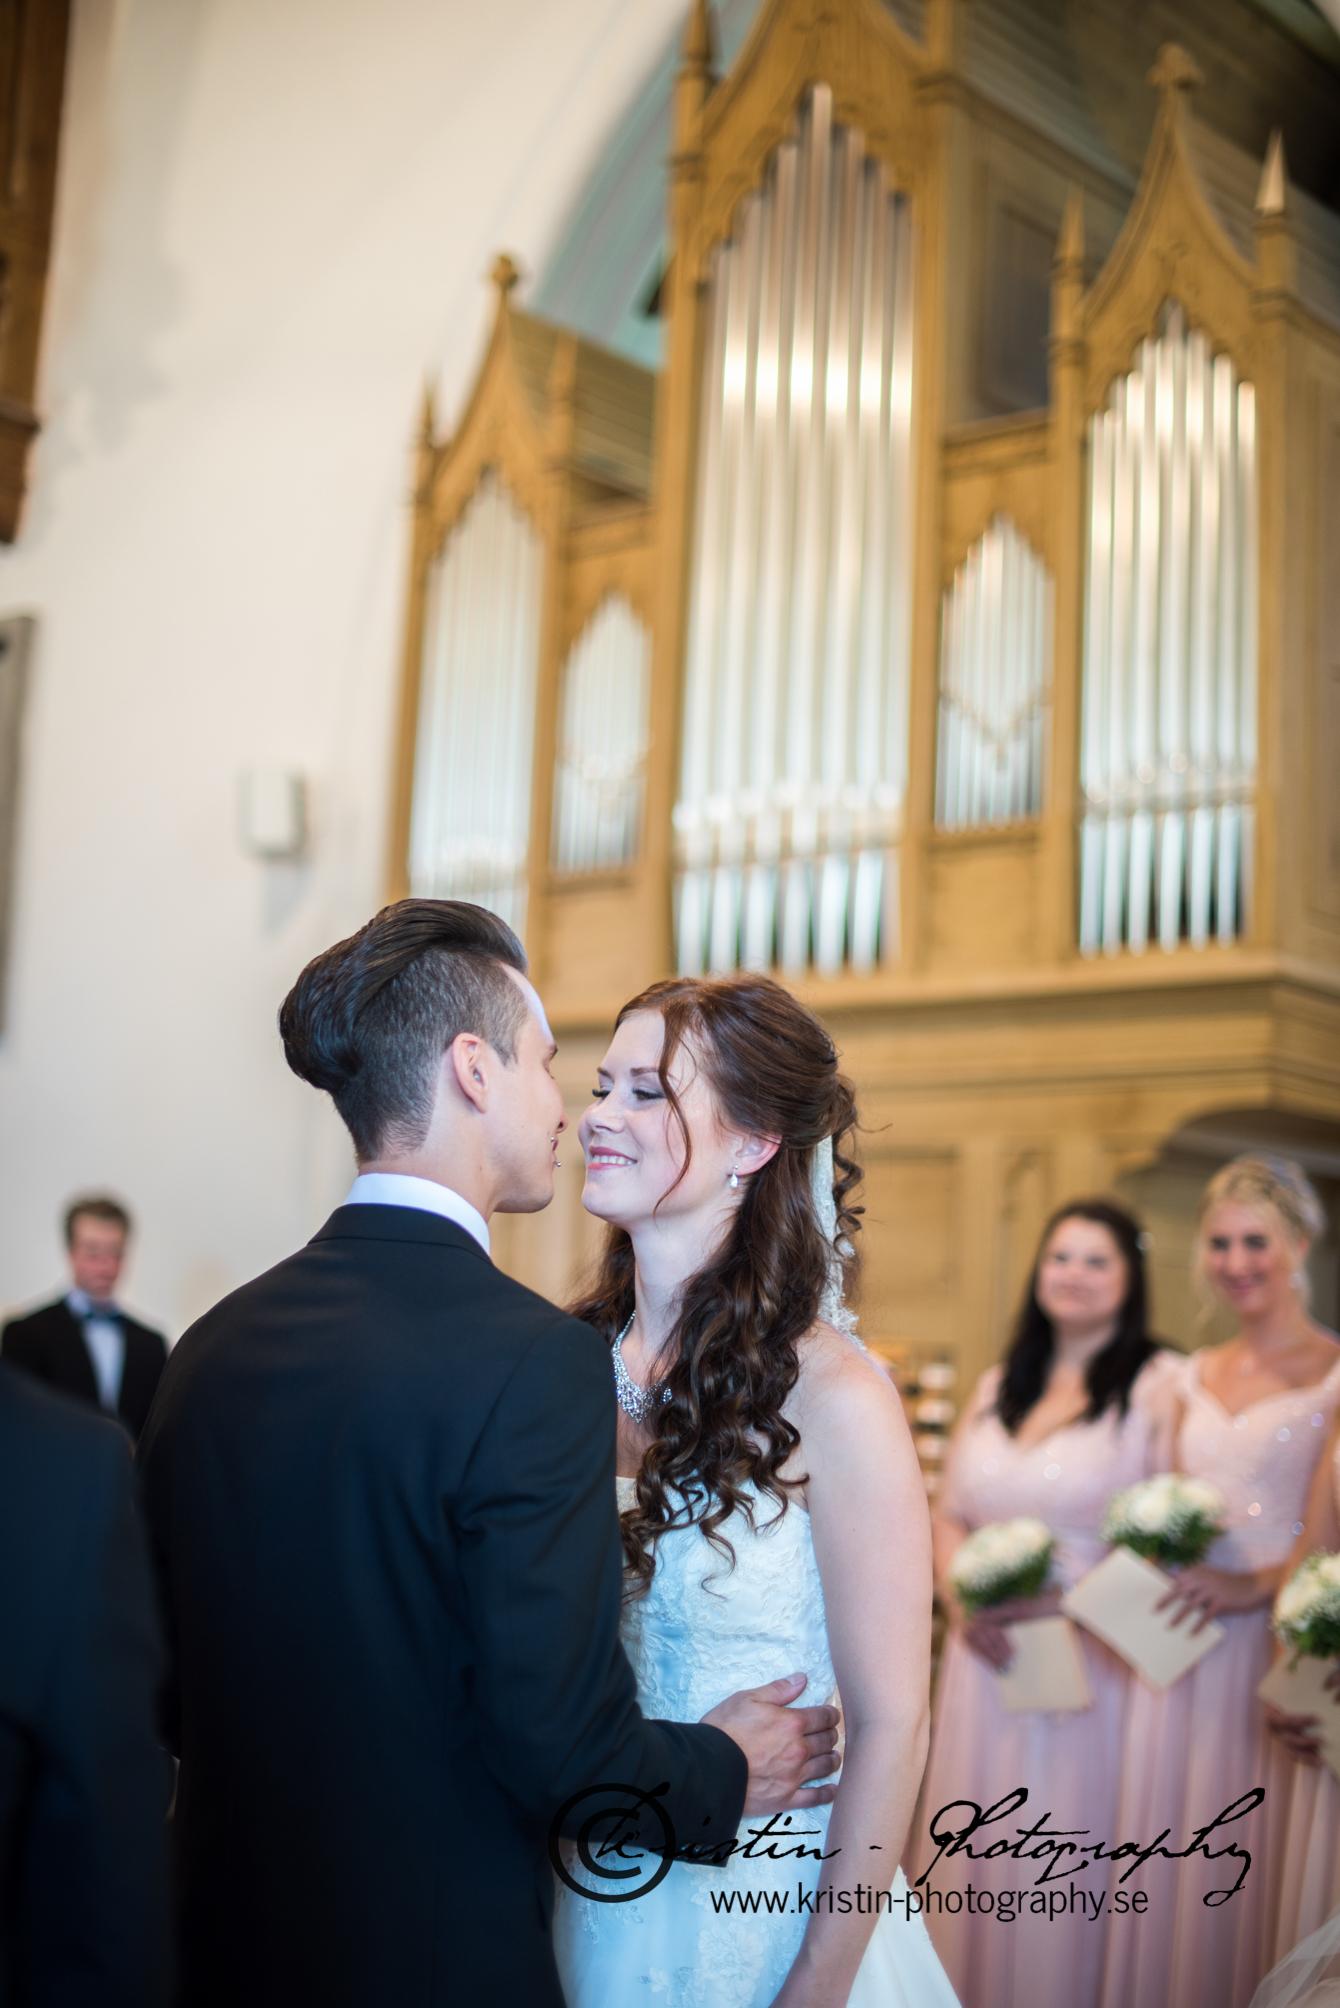 Bröllopsfotograf i Eskilstuna, Kristin - Photography, weddingphotographer -171.jpg